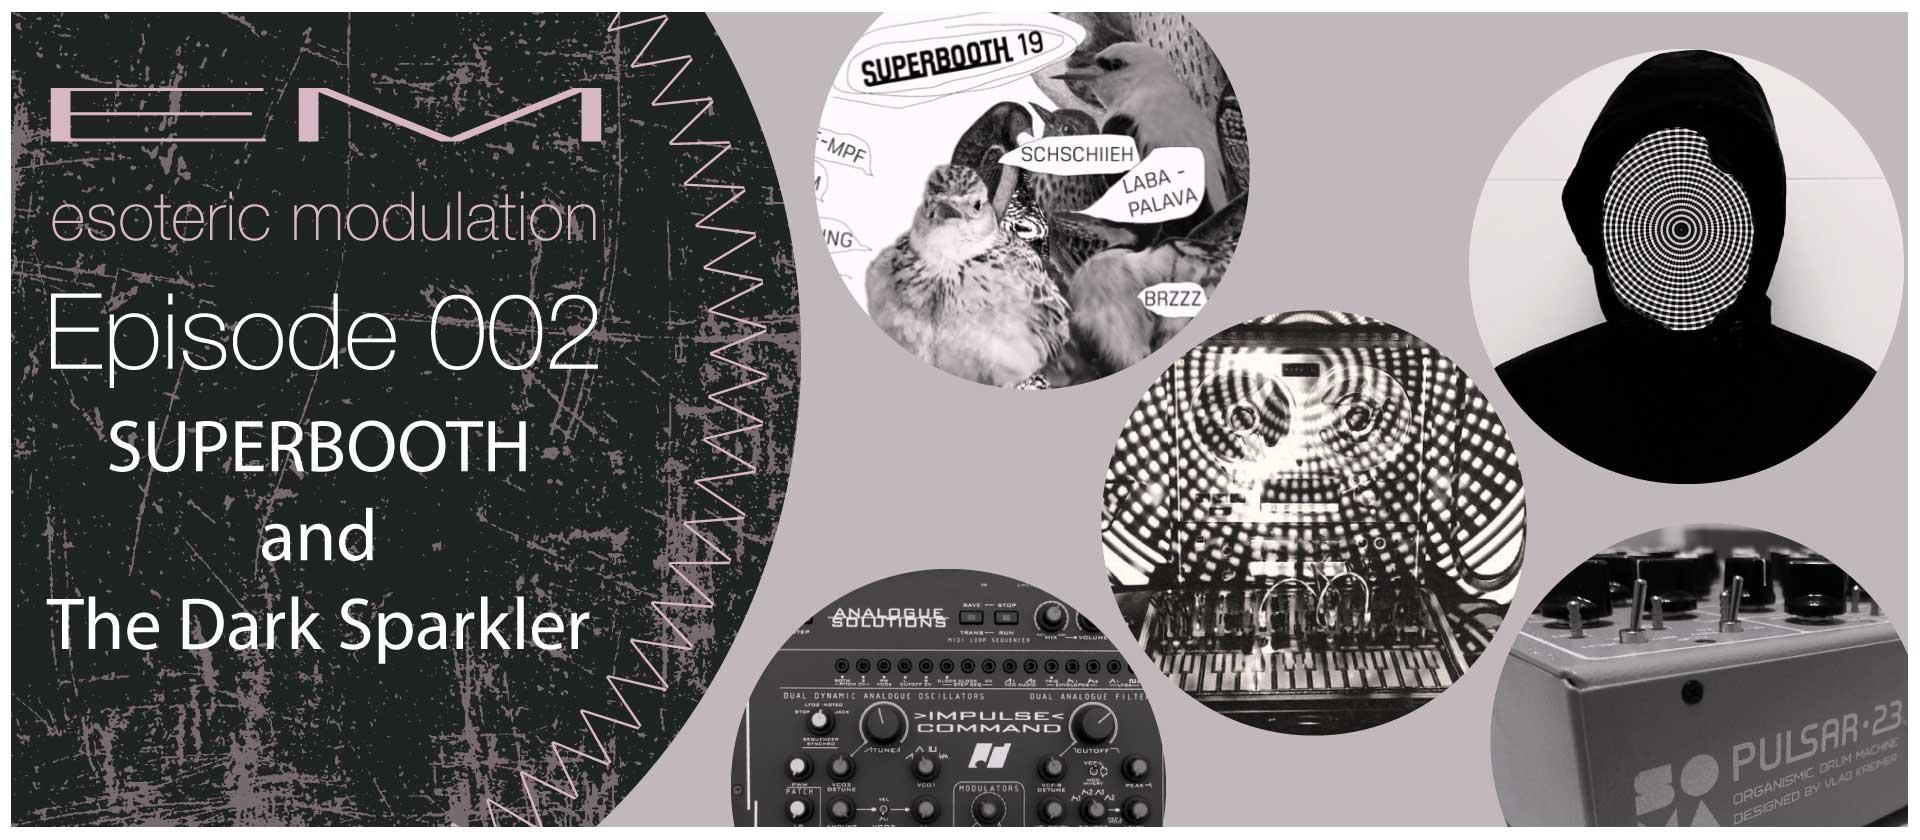 Esoteric-Modulation-episode2-Superbooth-and-the-Dark-Sparkler-.jpg